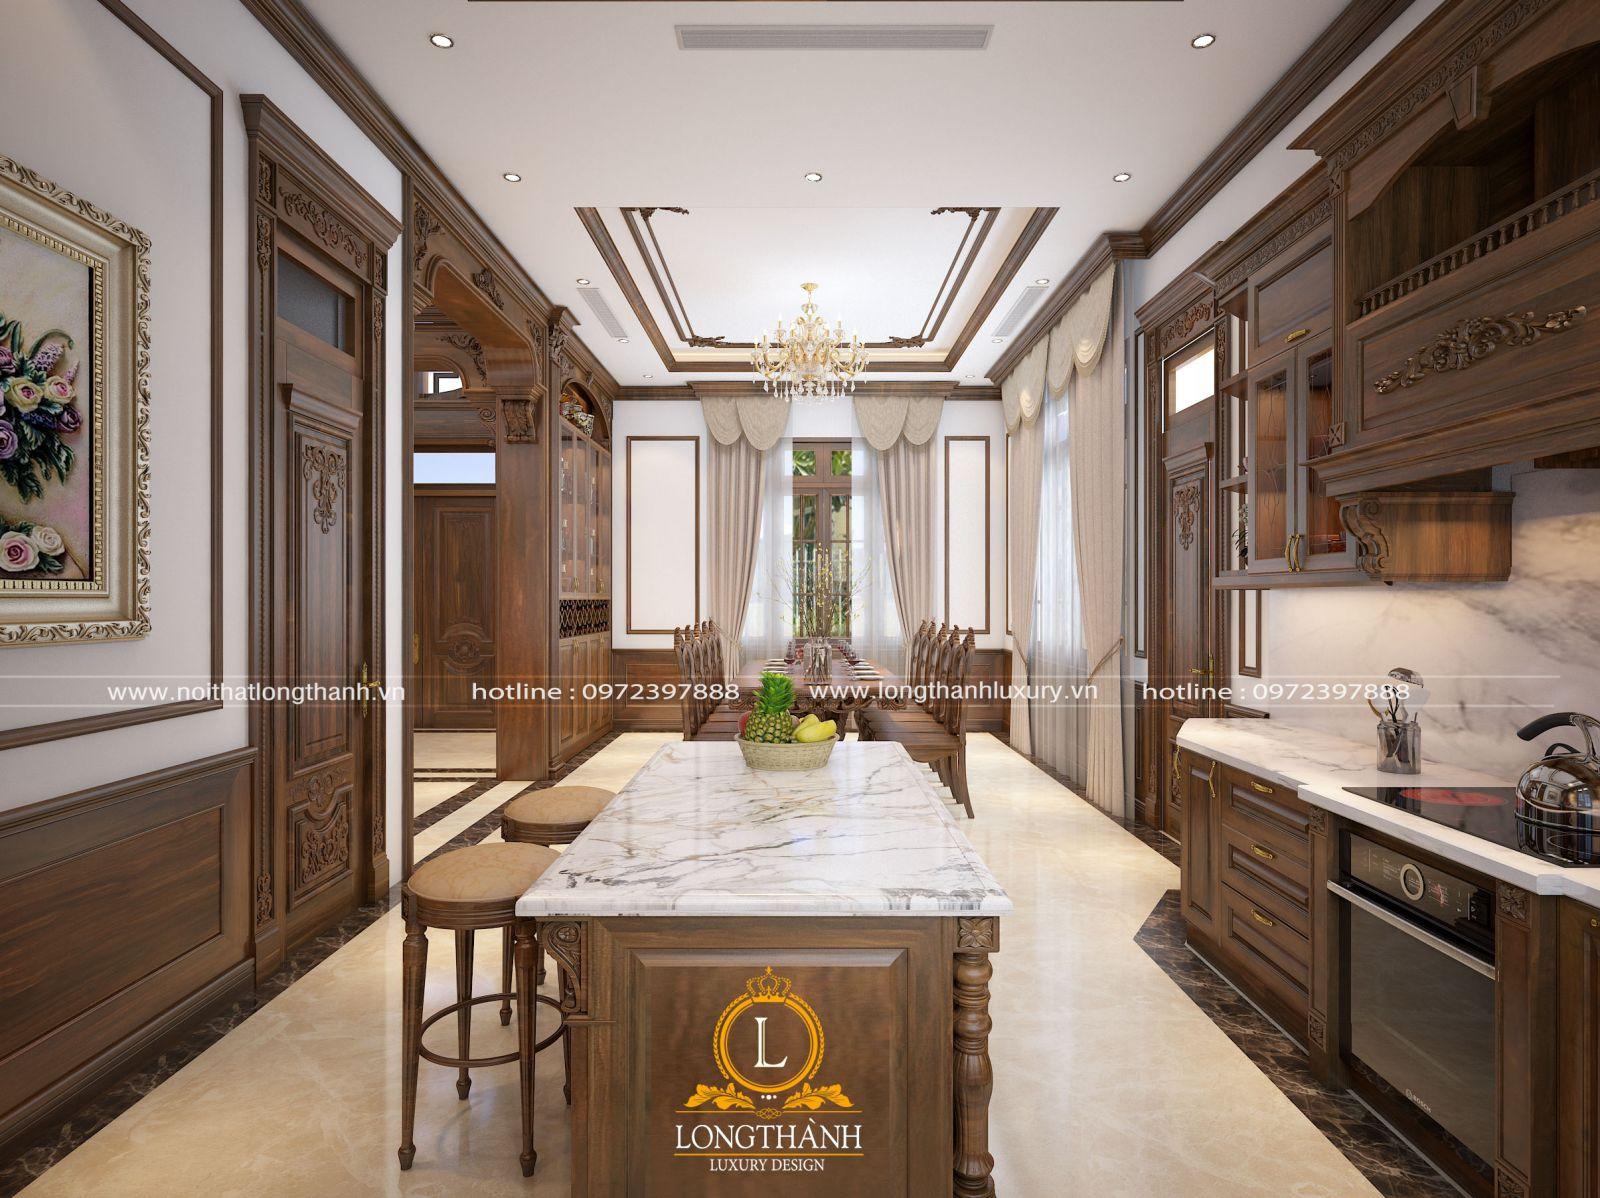 Tủ bếp tân cổ điển gỗ Gõ sơn nâu cho nhà biệt thự rộng với nhiều ưu điểm